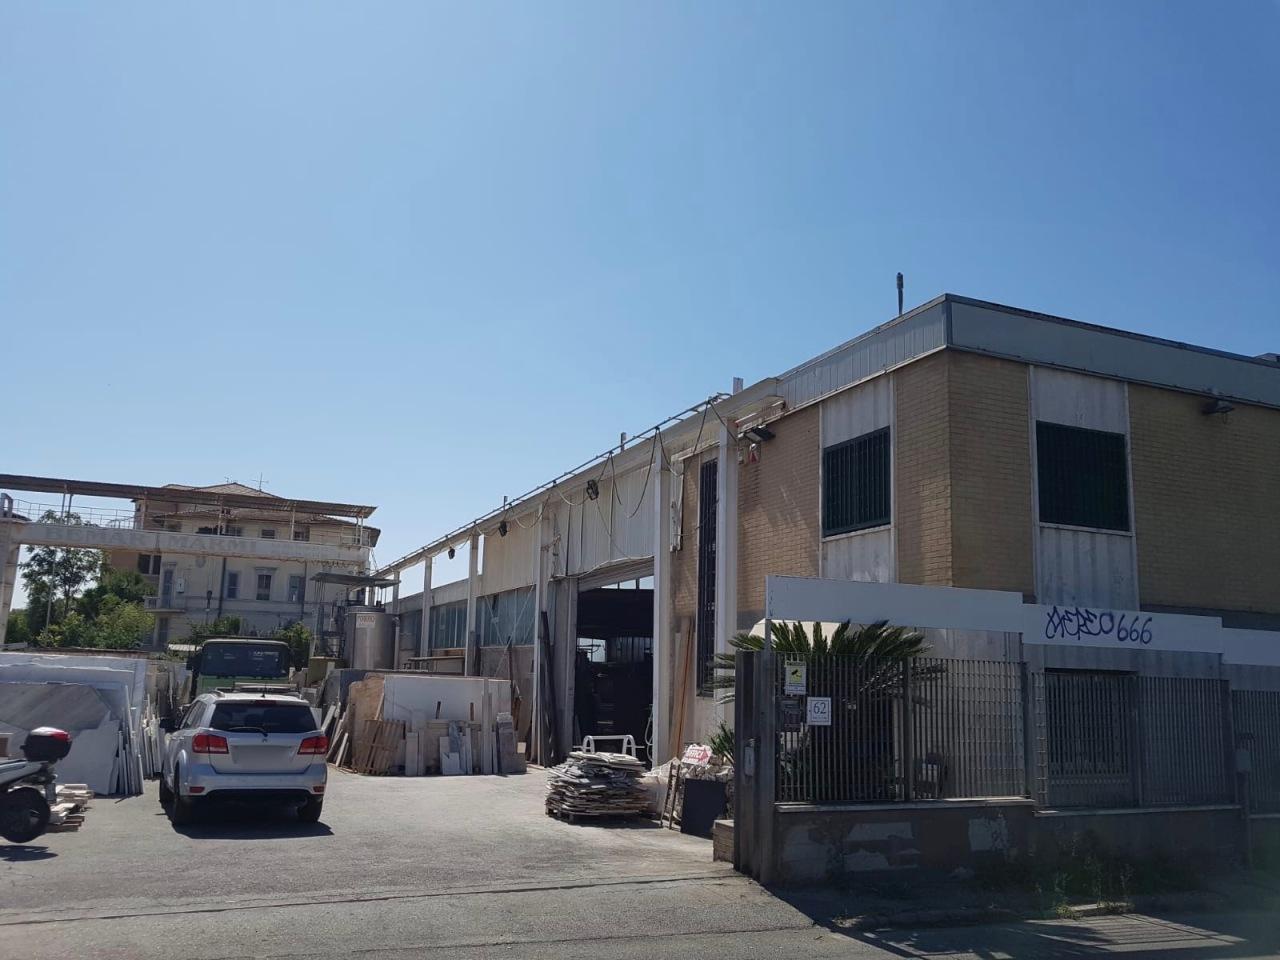 Capannone / Fondo - Industriale/Artigianale a Prenestino, Roma Rif. 11126005